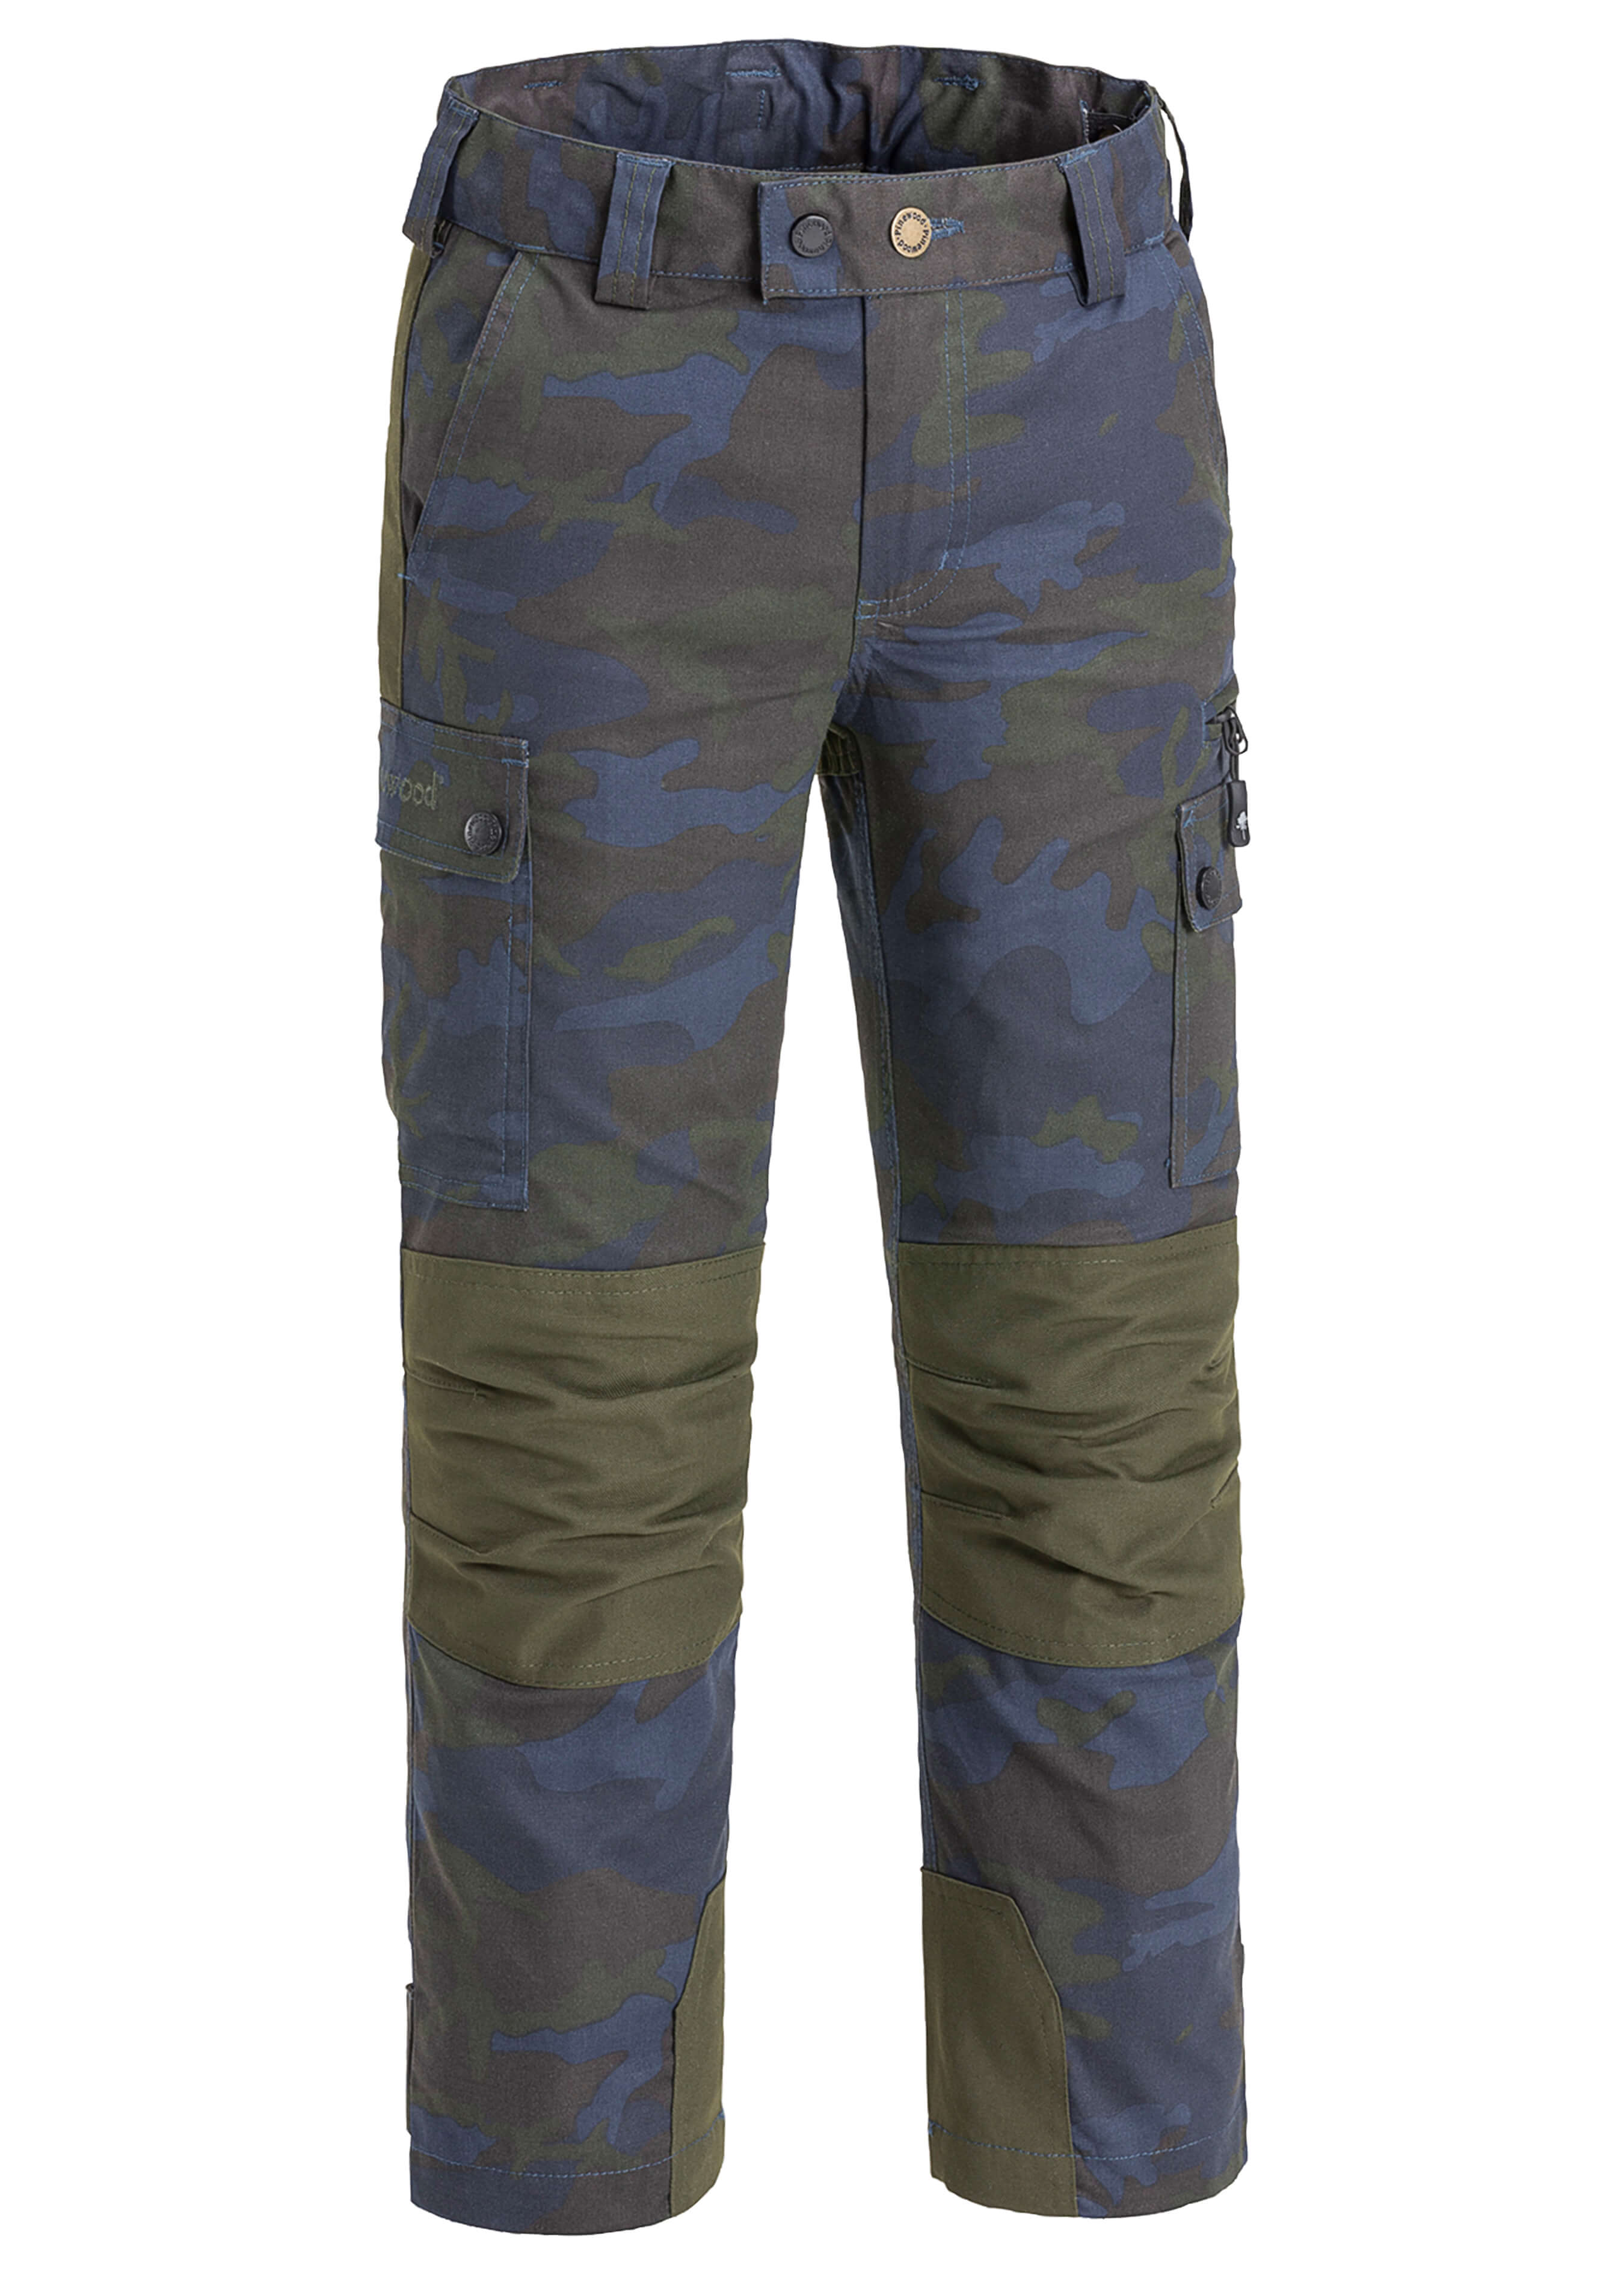 Pantalon d'extérieur robuste Camou pour enfants 268732116 1